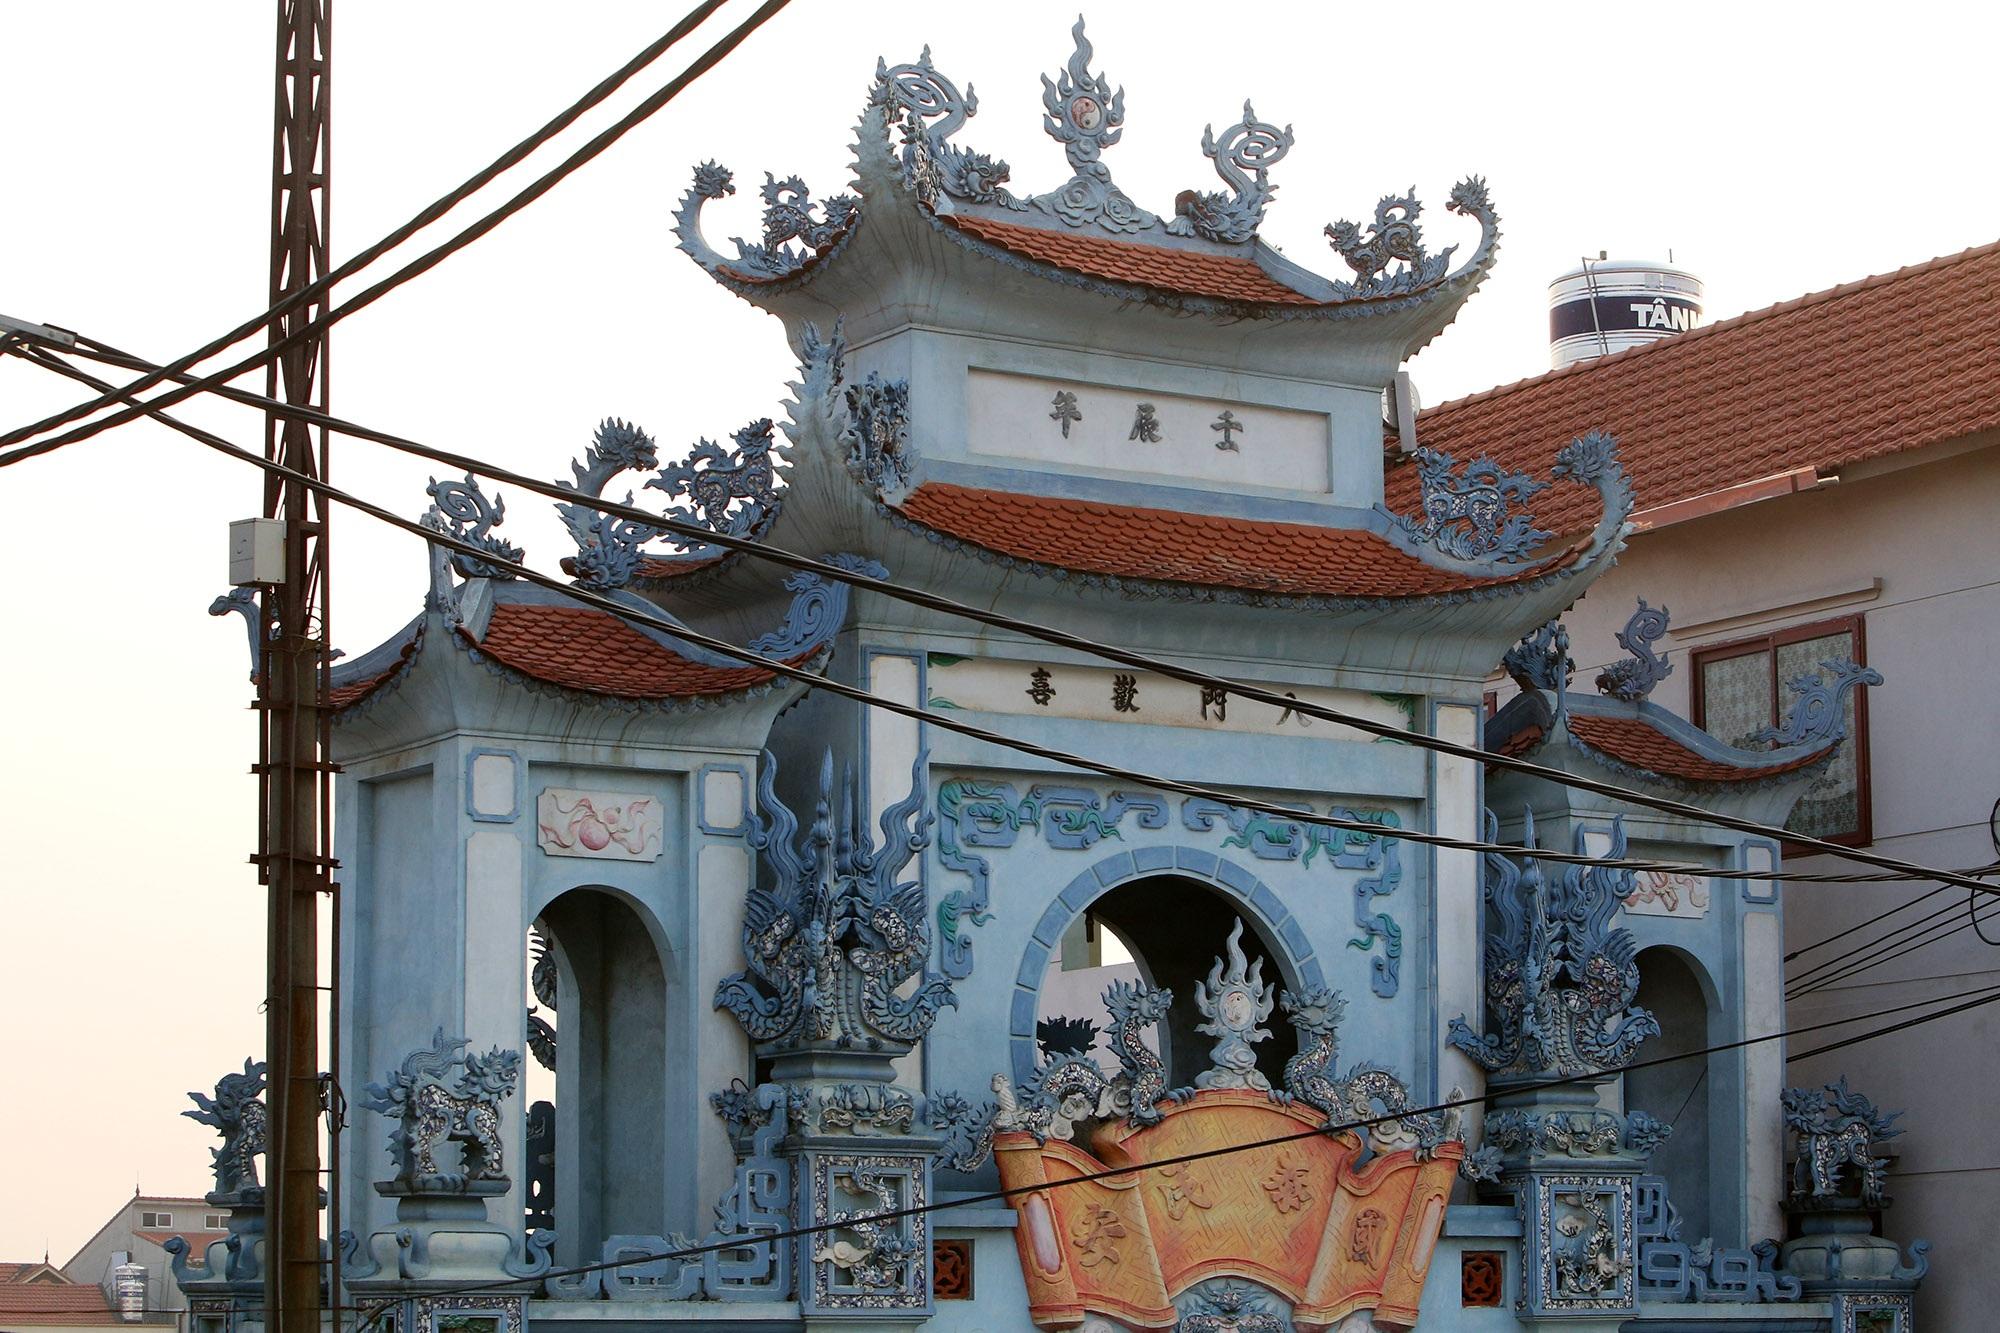 Vùng đất có nhiều cổng làng khủng - 8